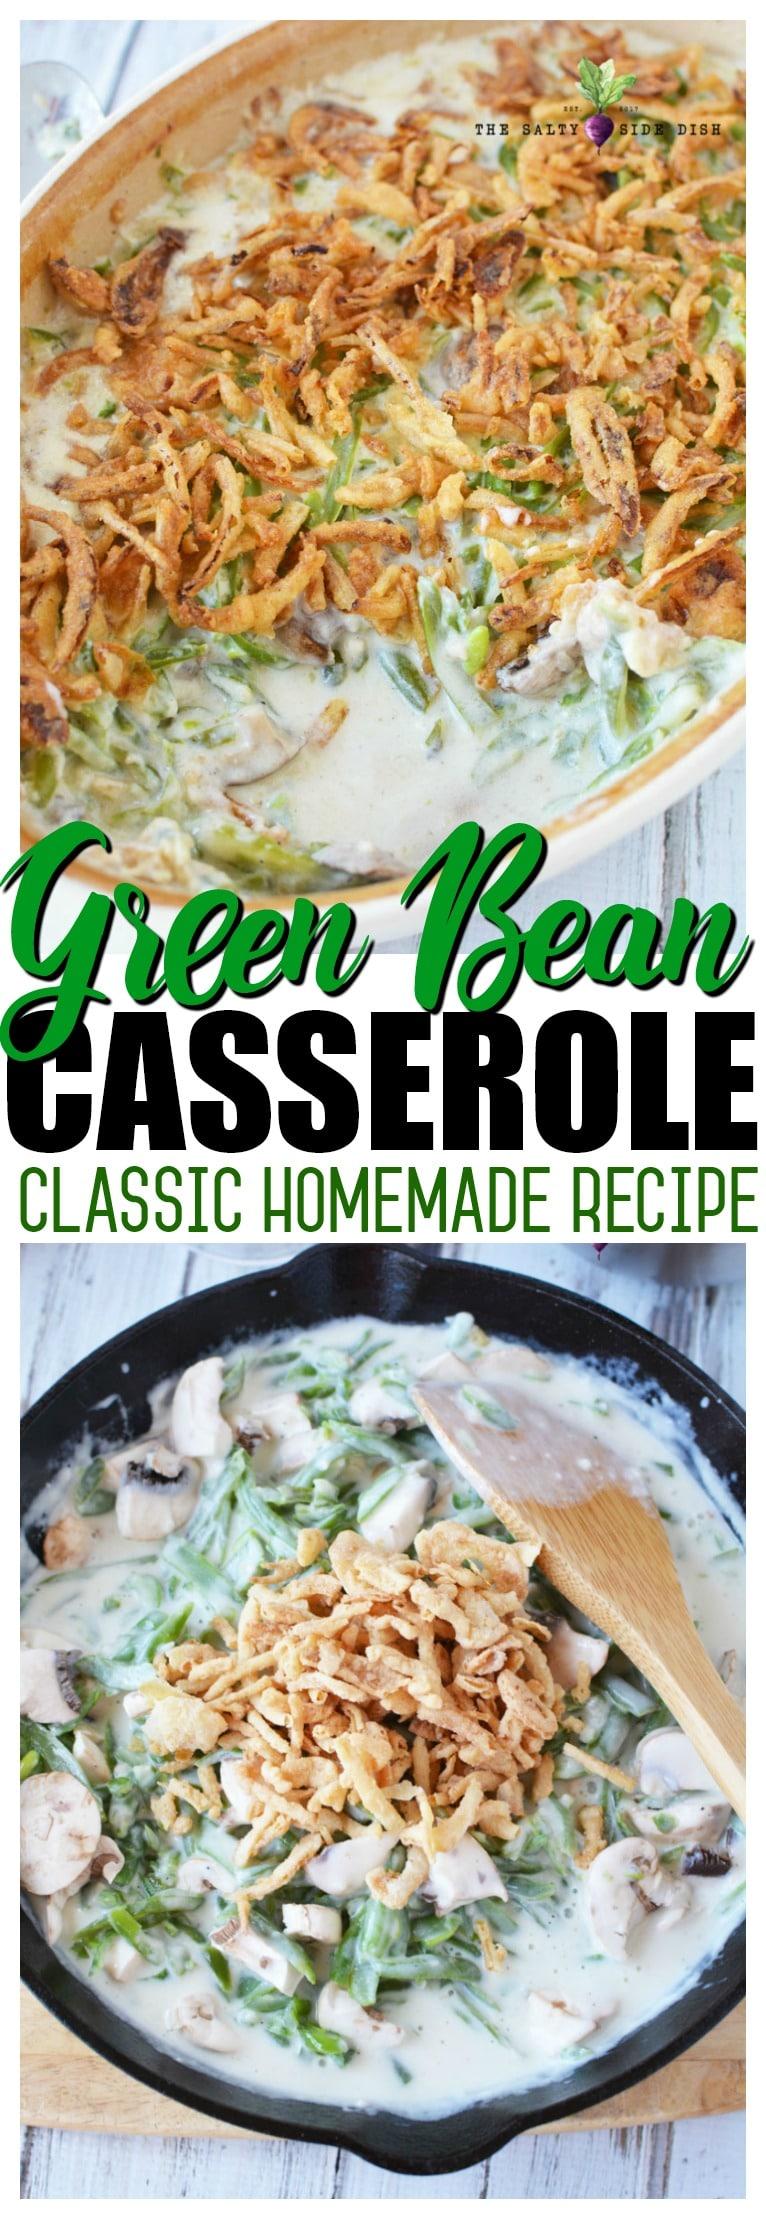 classic homemade green bean casserole